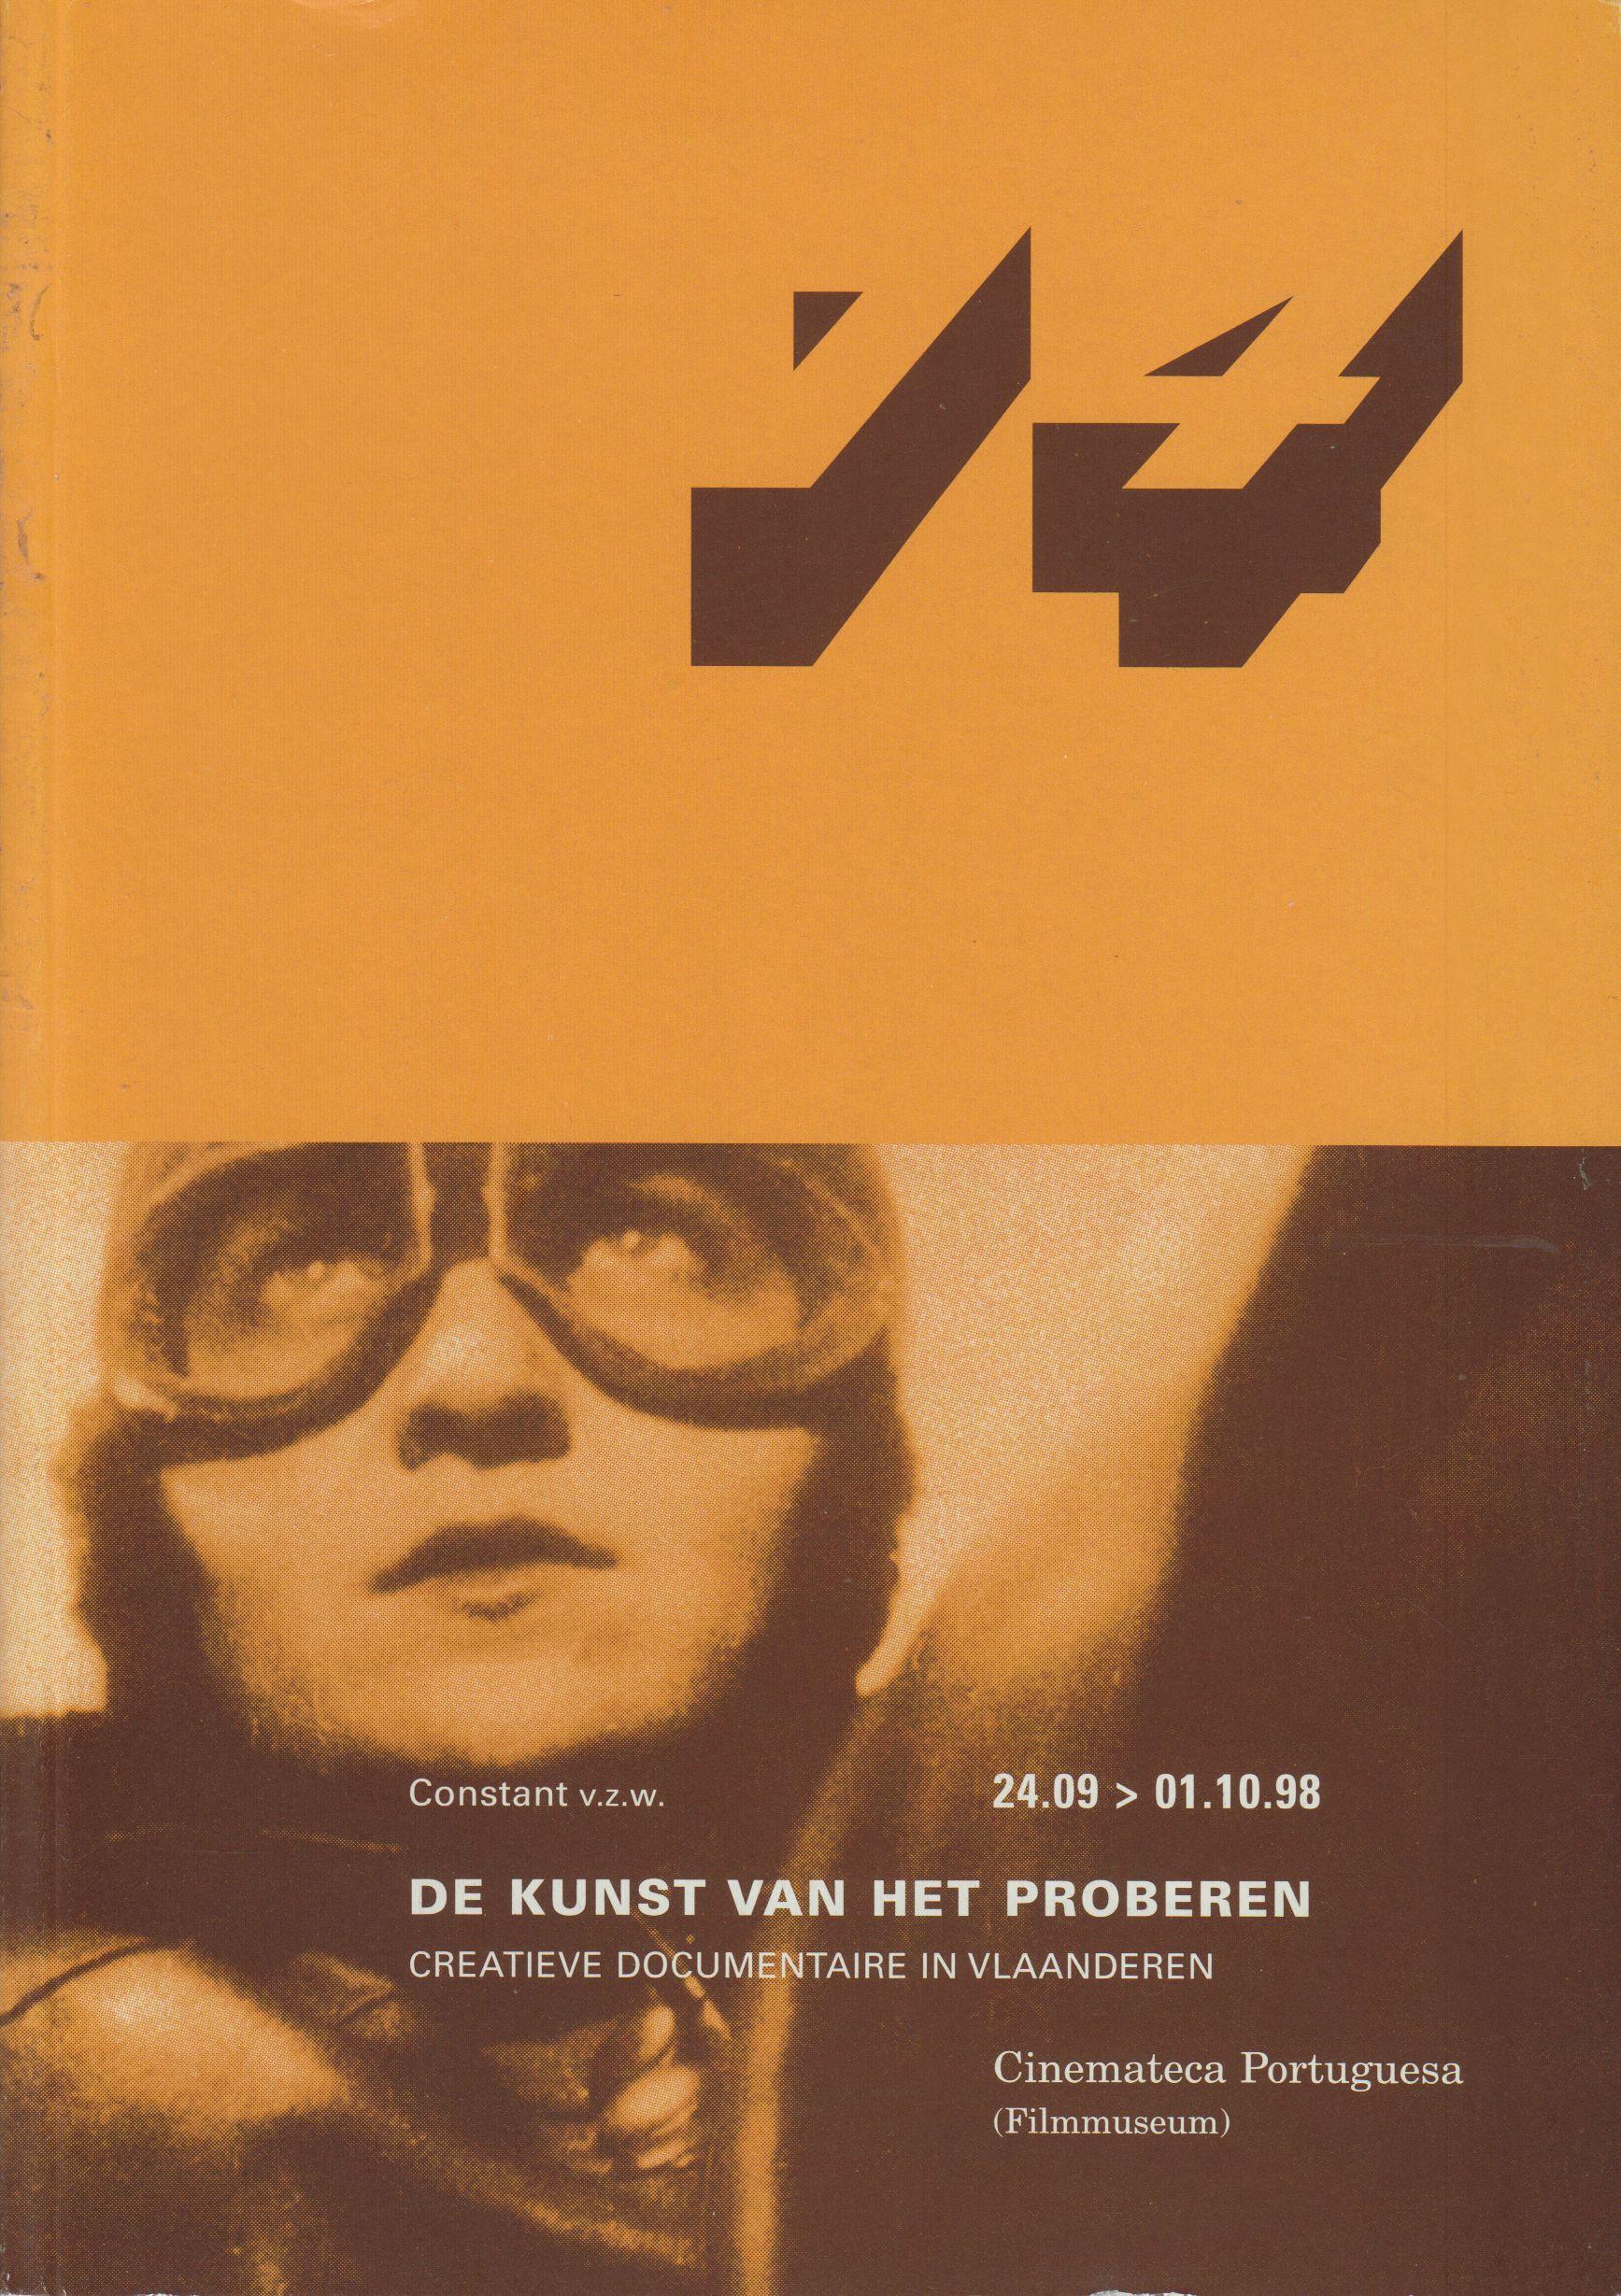 Neural [Archive] De Kunst Van Het Proberen - Creatieve Documentaire In Vlaanderen / Cinemateca Portuguesa Edwin Carels http://archive.neural.it/init/default/show/2437